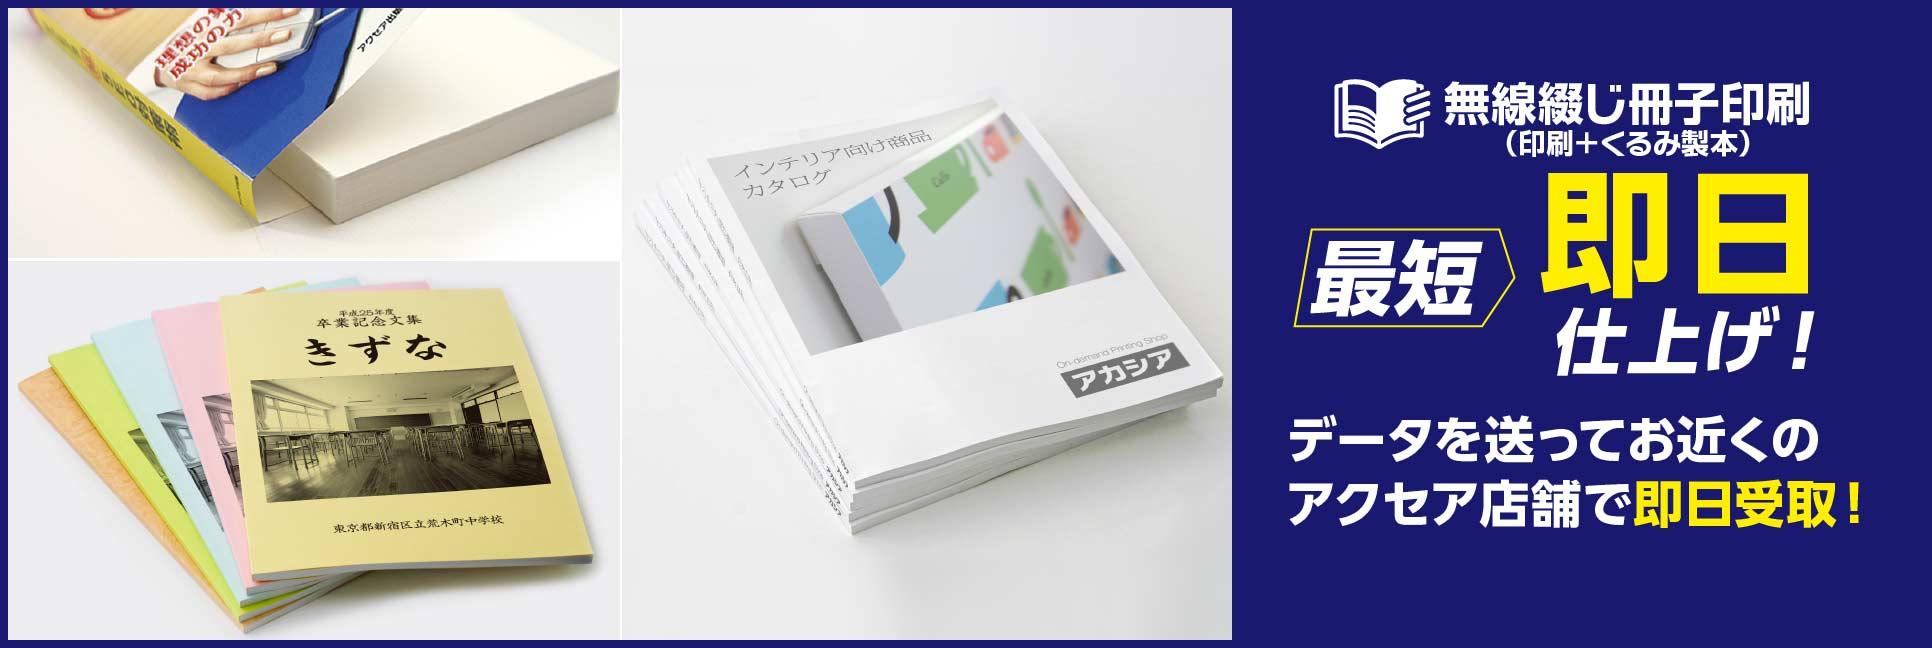 無線綴じ冊子印刷(印刷+くるみ製本)